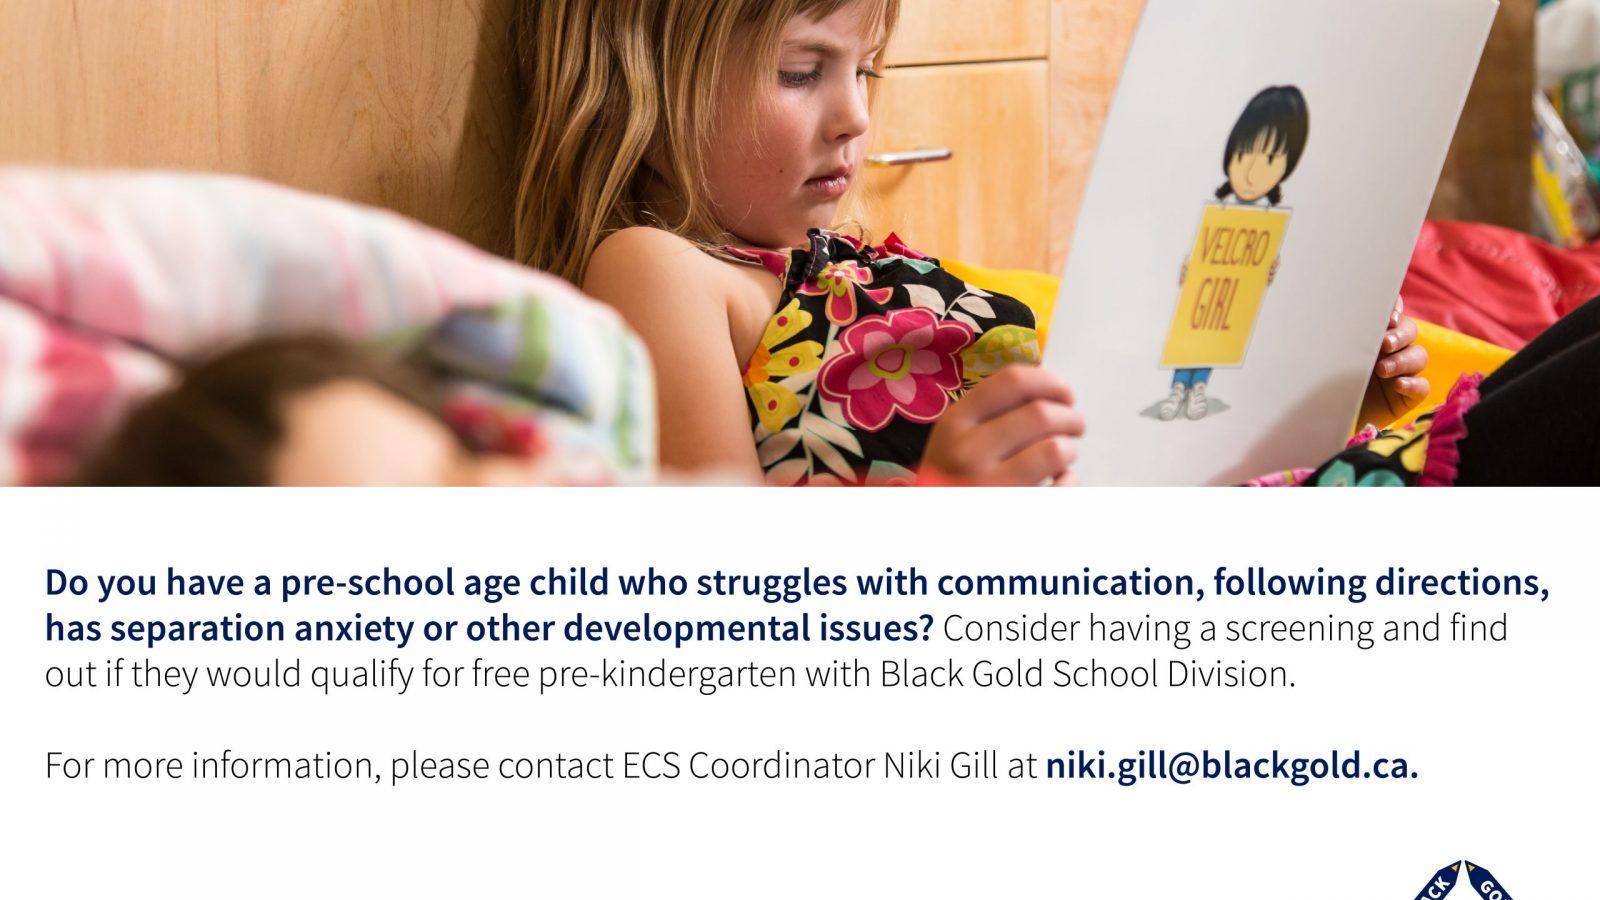 Free Pre-Kindergarten